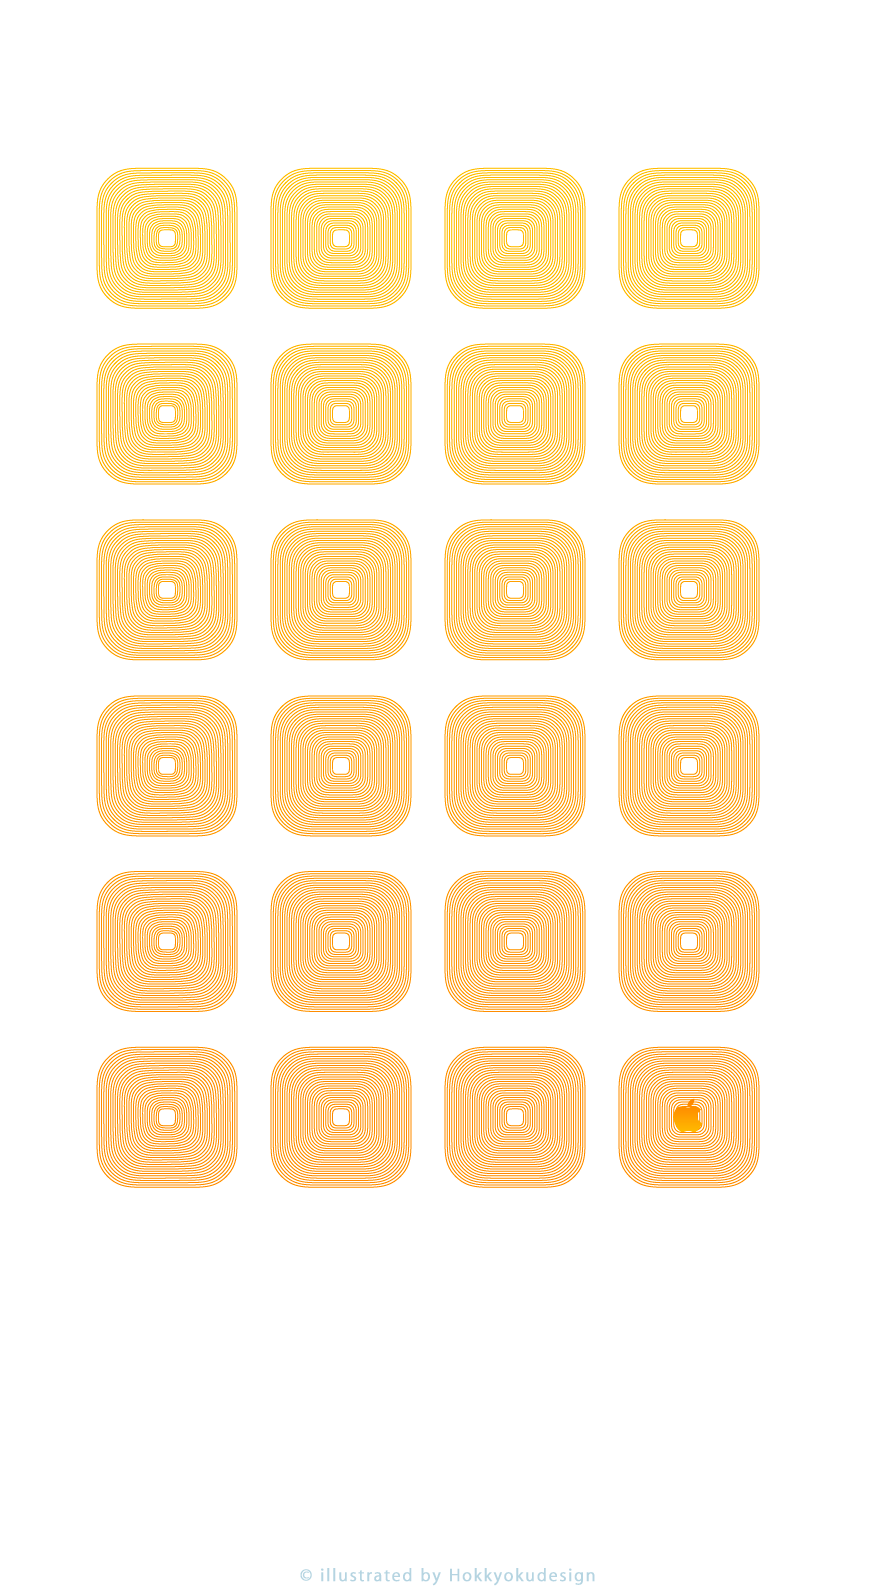 Iphone8 7 6s 6用 動く棚の壁紙 オレンジ ホワイト Wallpaper To